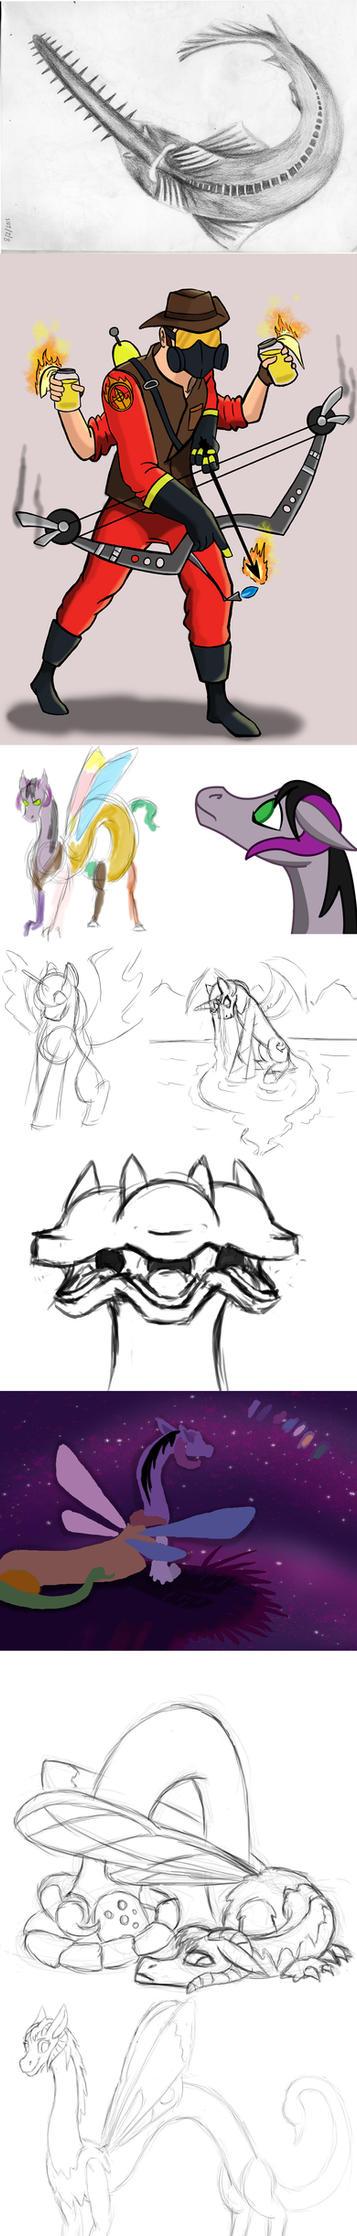 Sketch Dump13 by arcanineryu